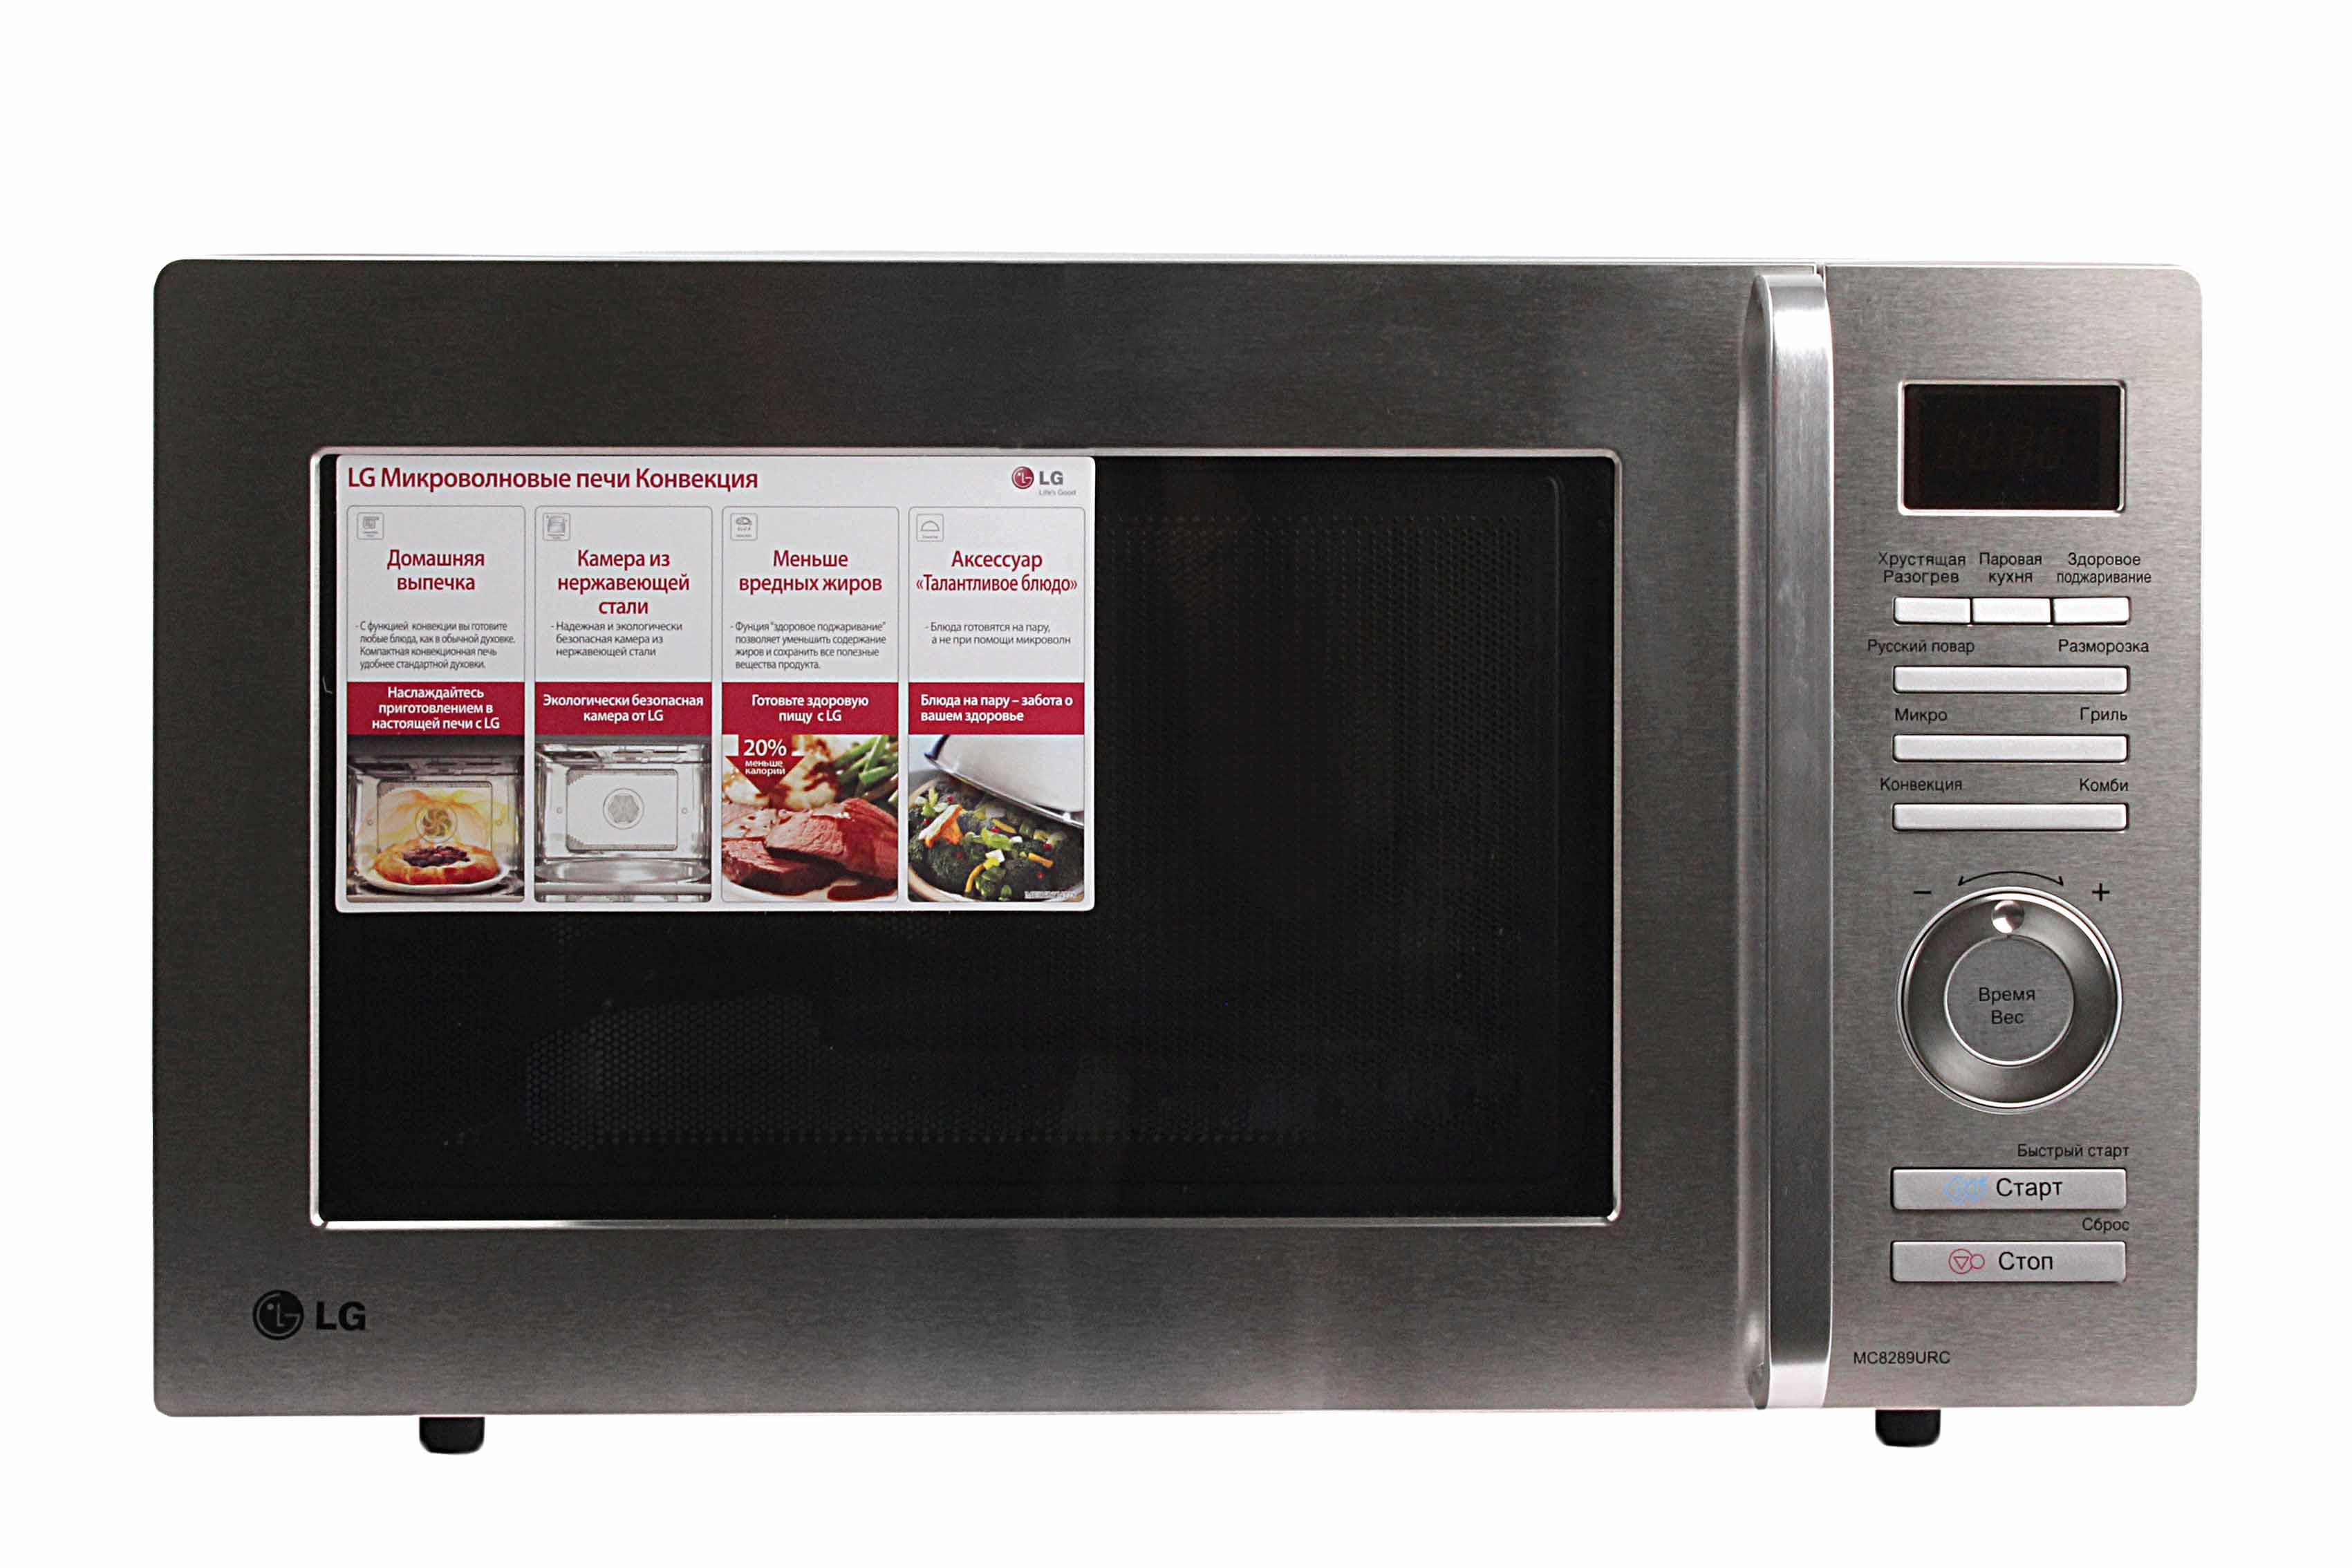 Микроволновая печь Lg Real Brand Technics 8970.000